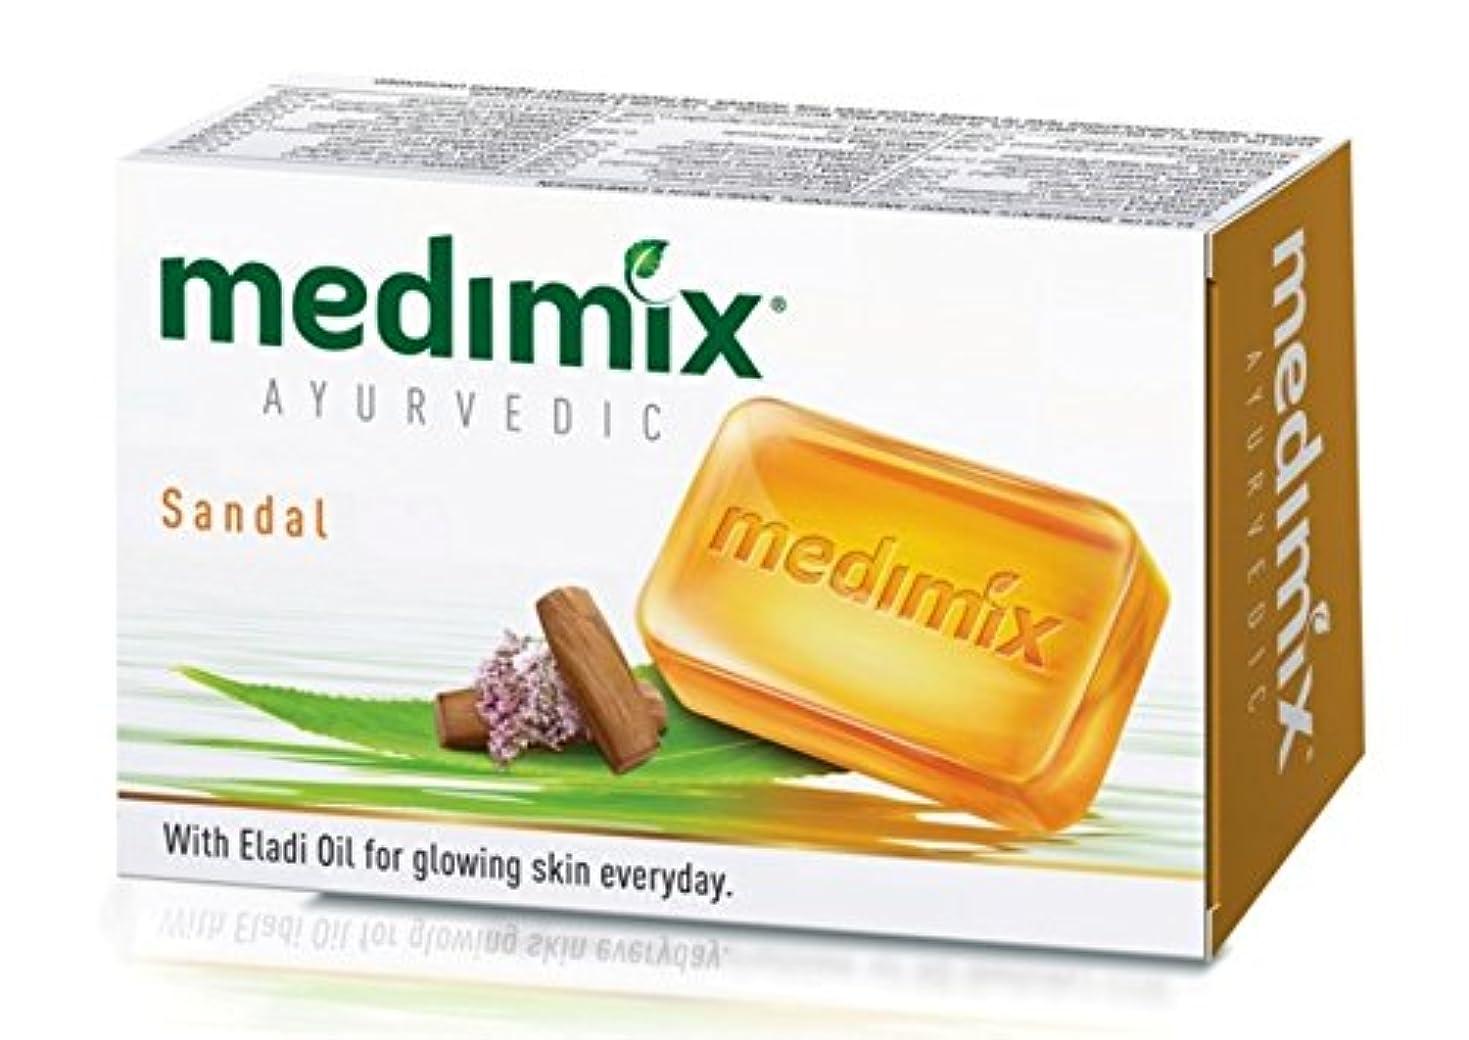 大佐タオル一流【medimix国内正規品】メディミックス Sandal ハーブから作られたオーガニック石鹸